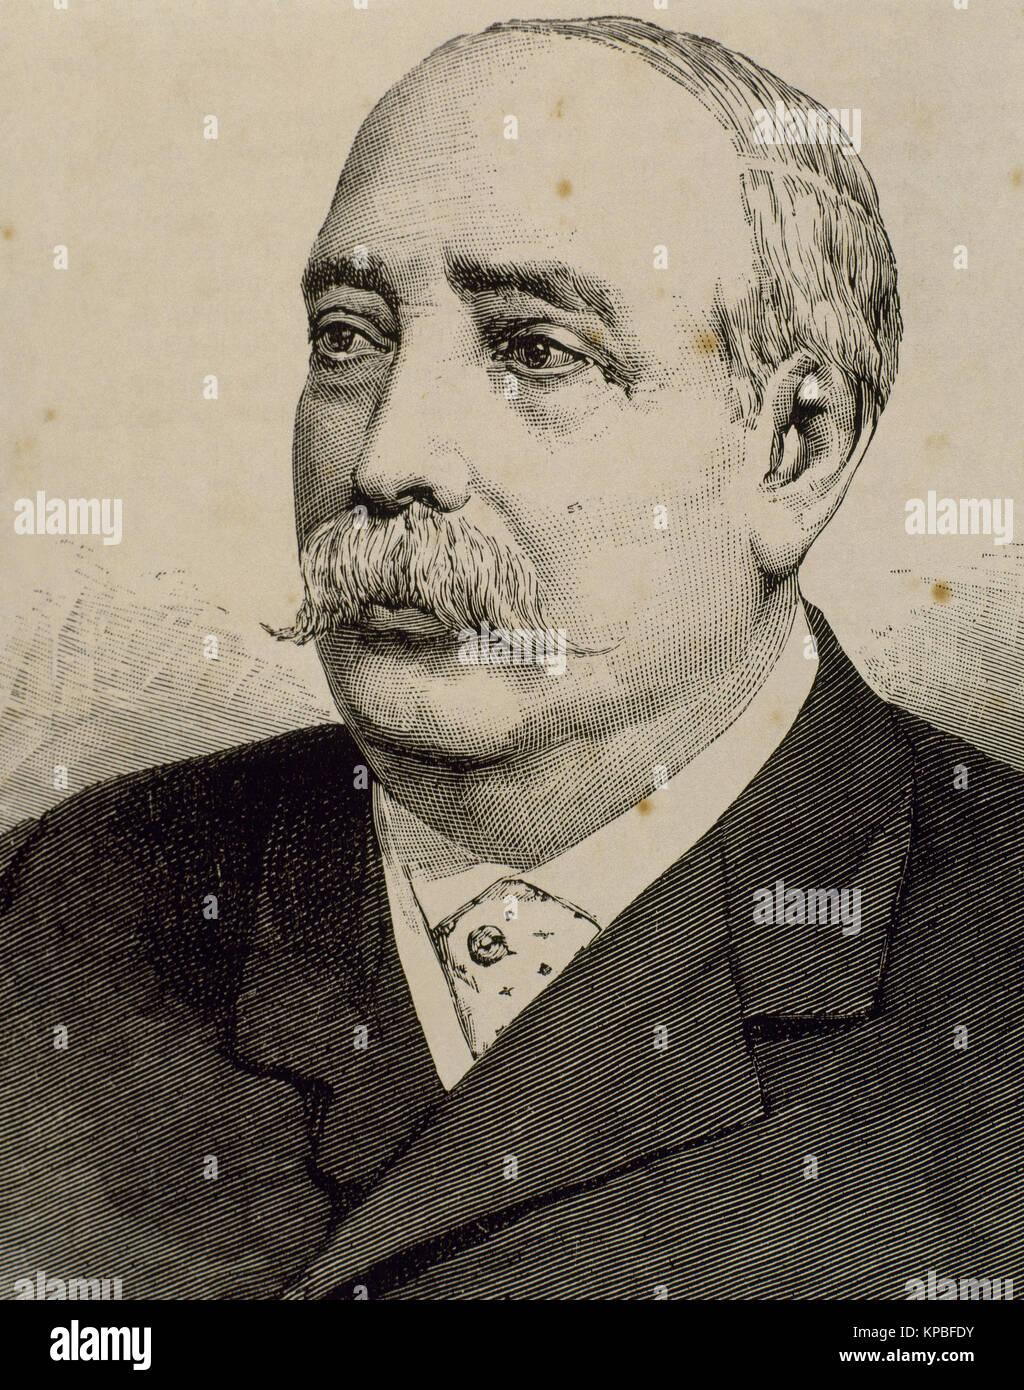 Jose Maria Escriva de Romaní y Dusay (1825-1890), III marquis of Monistrol de Noya, 14th baron of Beniparrell, - Stock Image